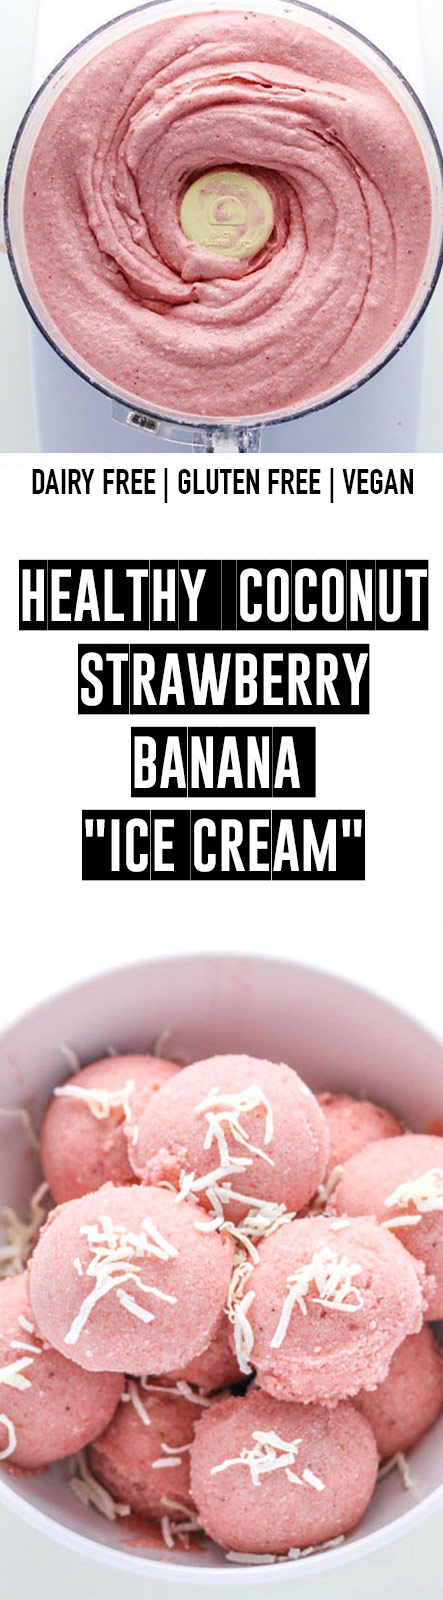 """Healthy Coconut Strawberry Banana """"Ice Cream"""""""